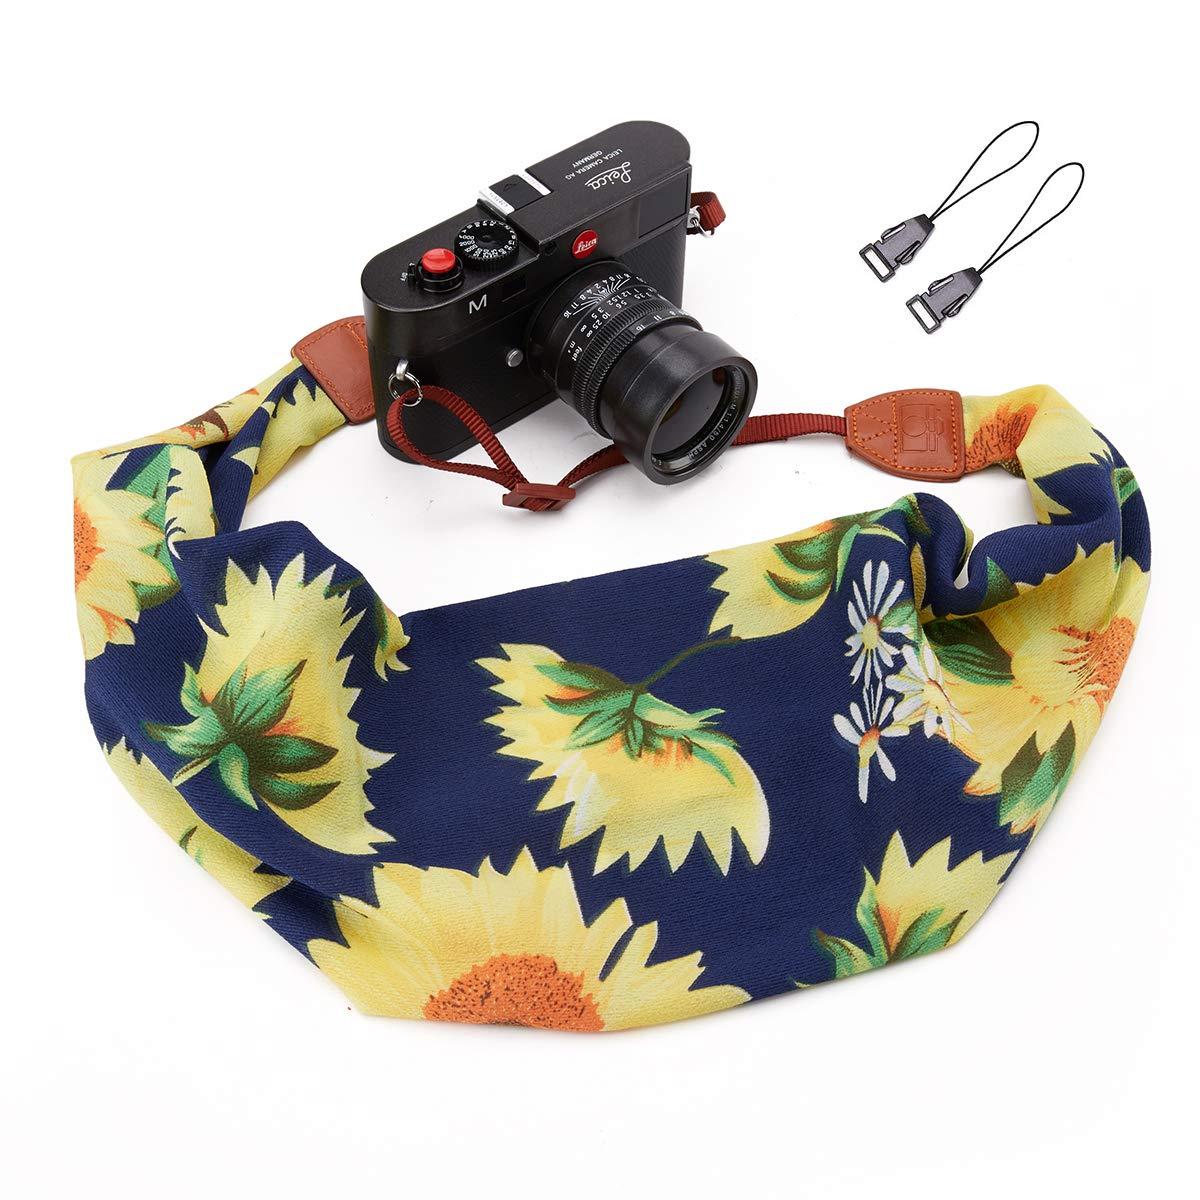 Deanoy カメラストラップ スカーフ ファブリック DSLR ユニバーサル ネックショルダーベルト 女性用  サンフラワー B07MZZYGH1